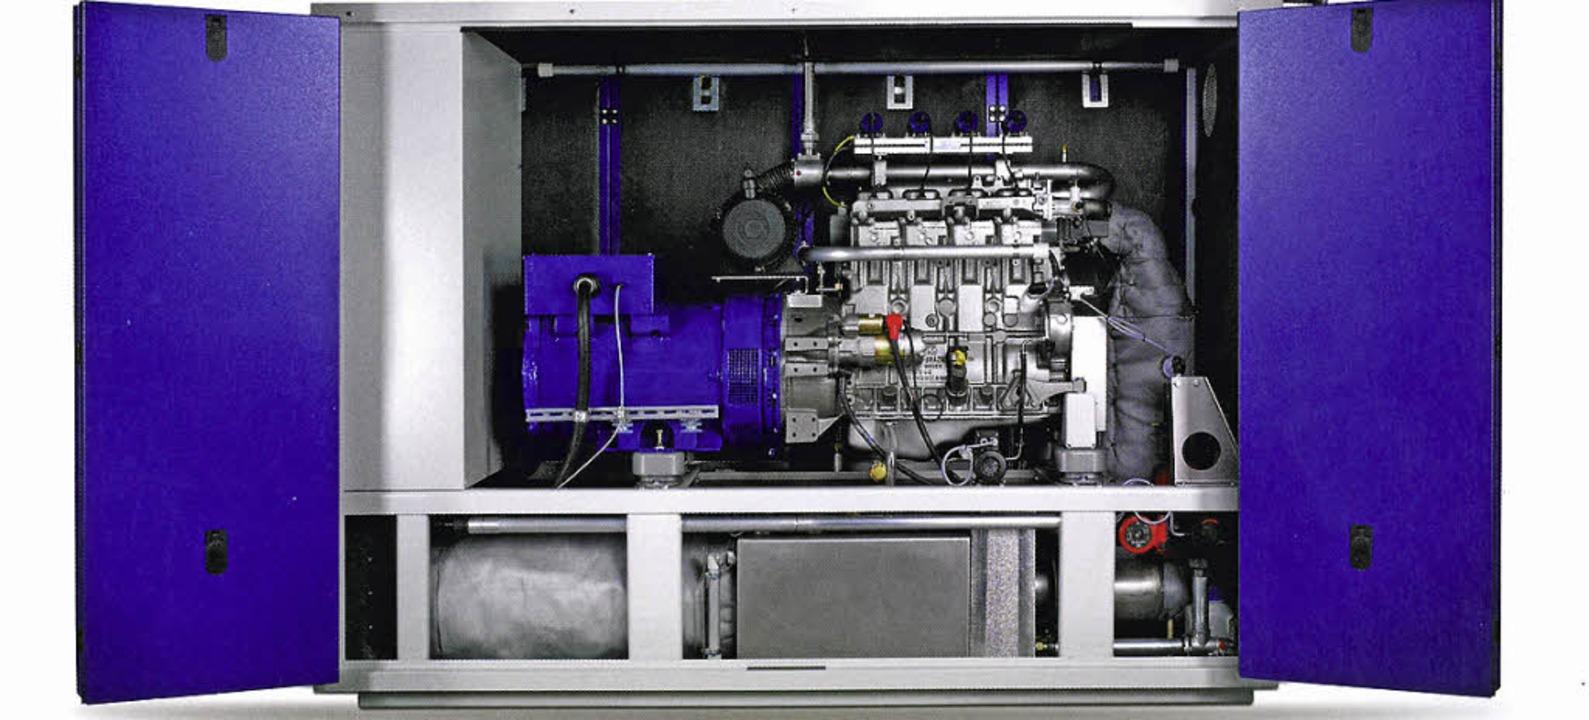 Blockheizkraftwerk von Senergie  | Foto: Senergie